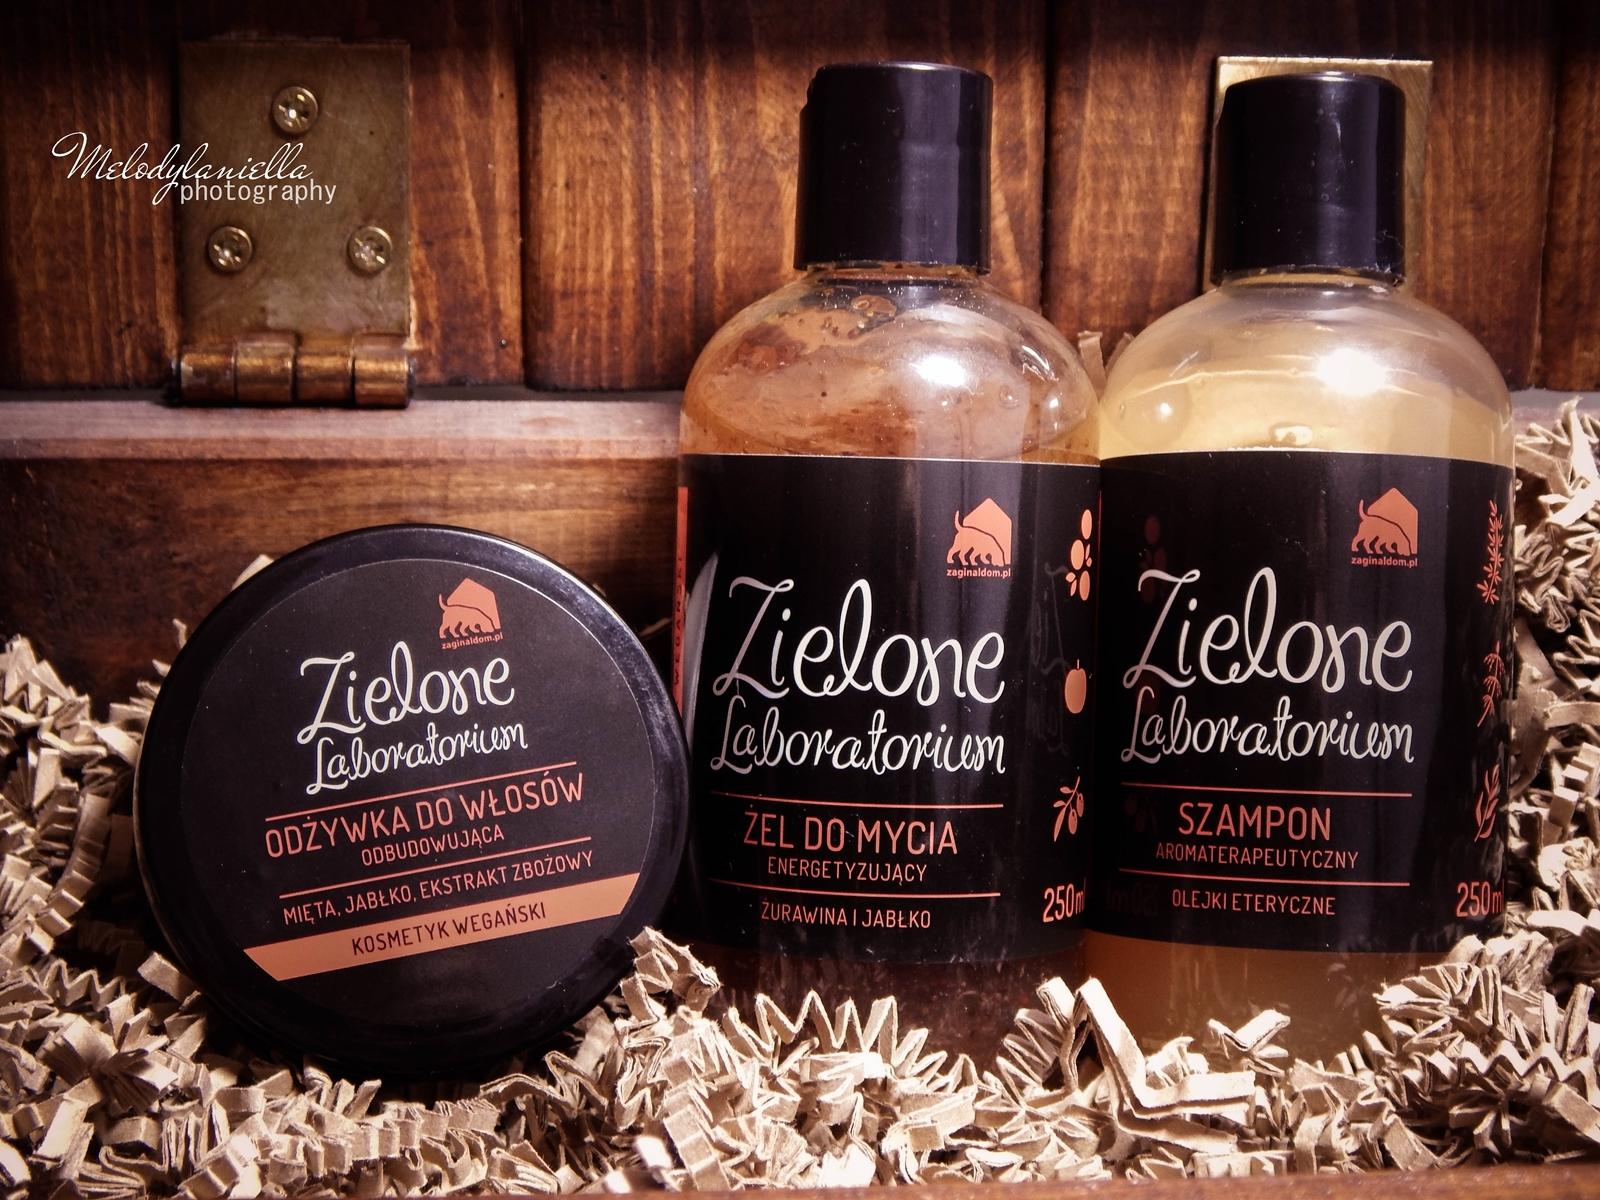 zielone laboratorium odżywka do włosów odbudowująca kosmetyki wegańskie żel do mycia szampon aromaterapeutyczny kosmetyki o mocnych zapachach olejki eteryczne kosmetyki naturalne melodylaniella home